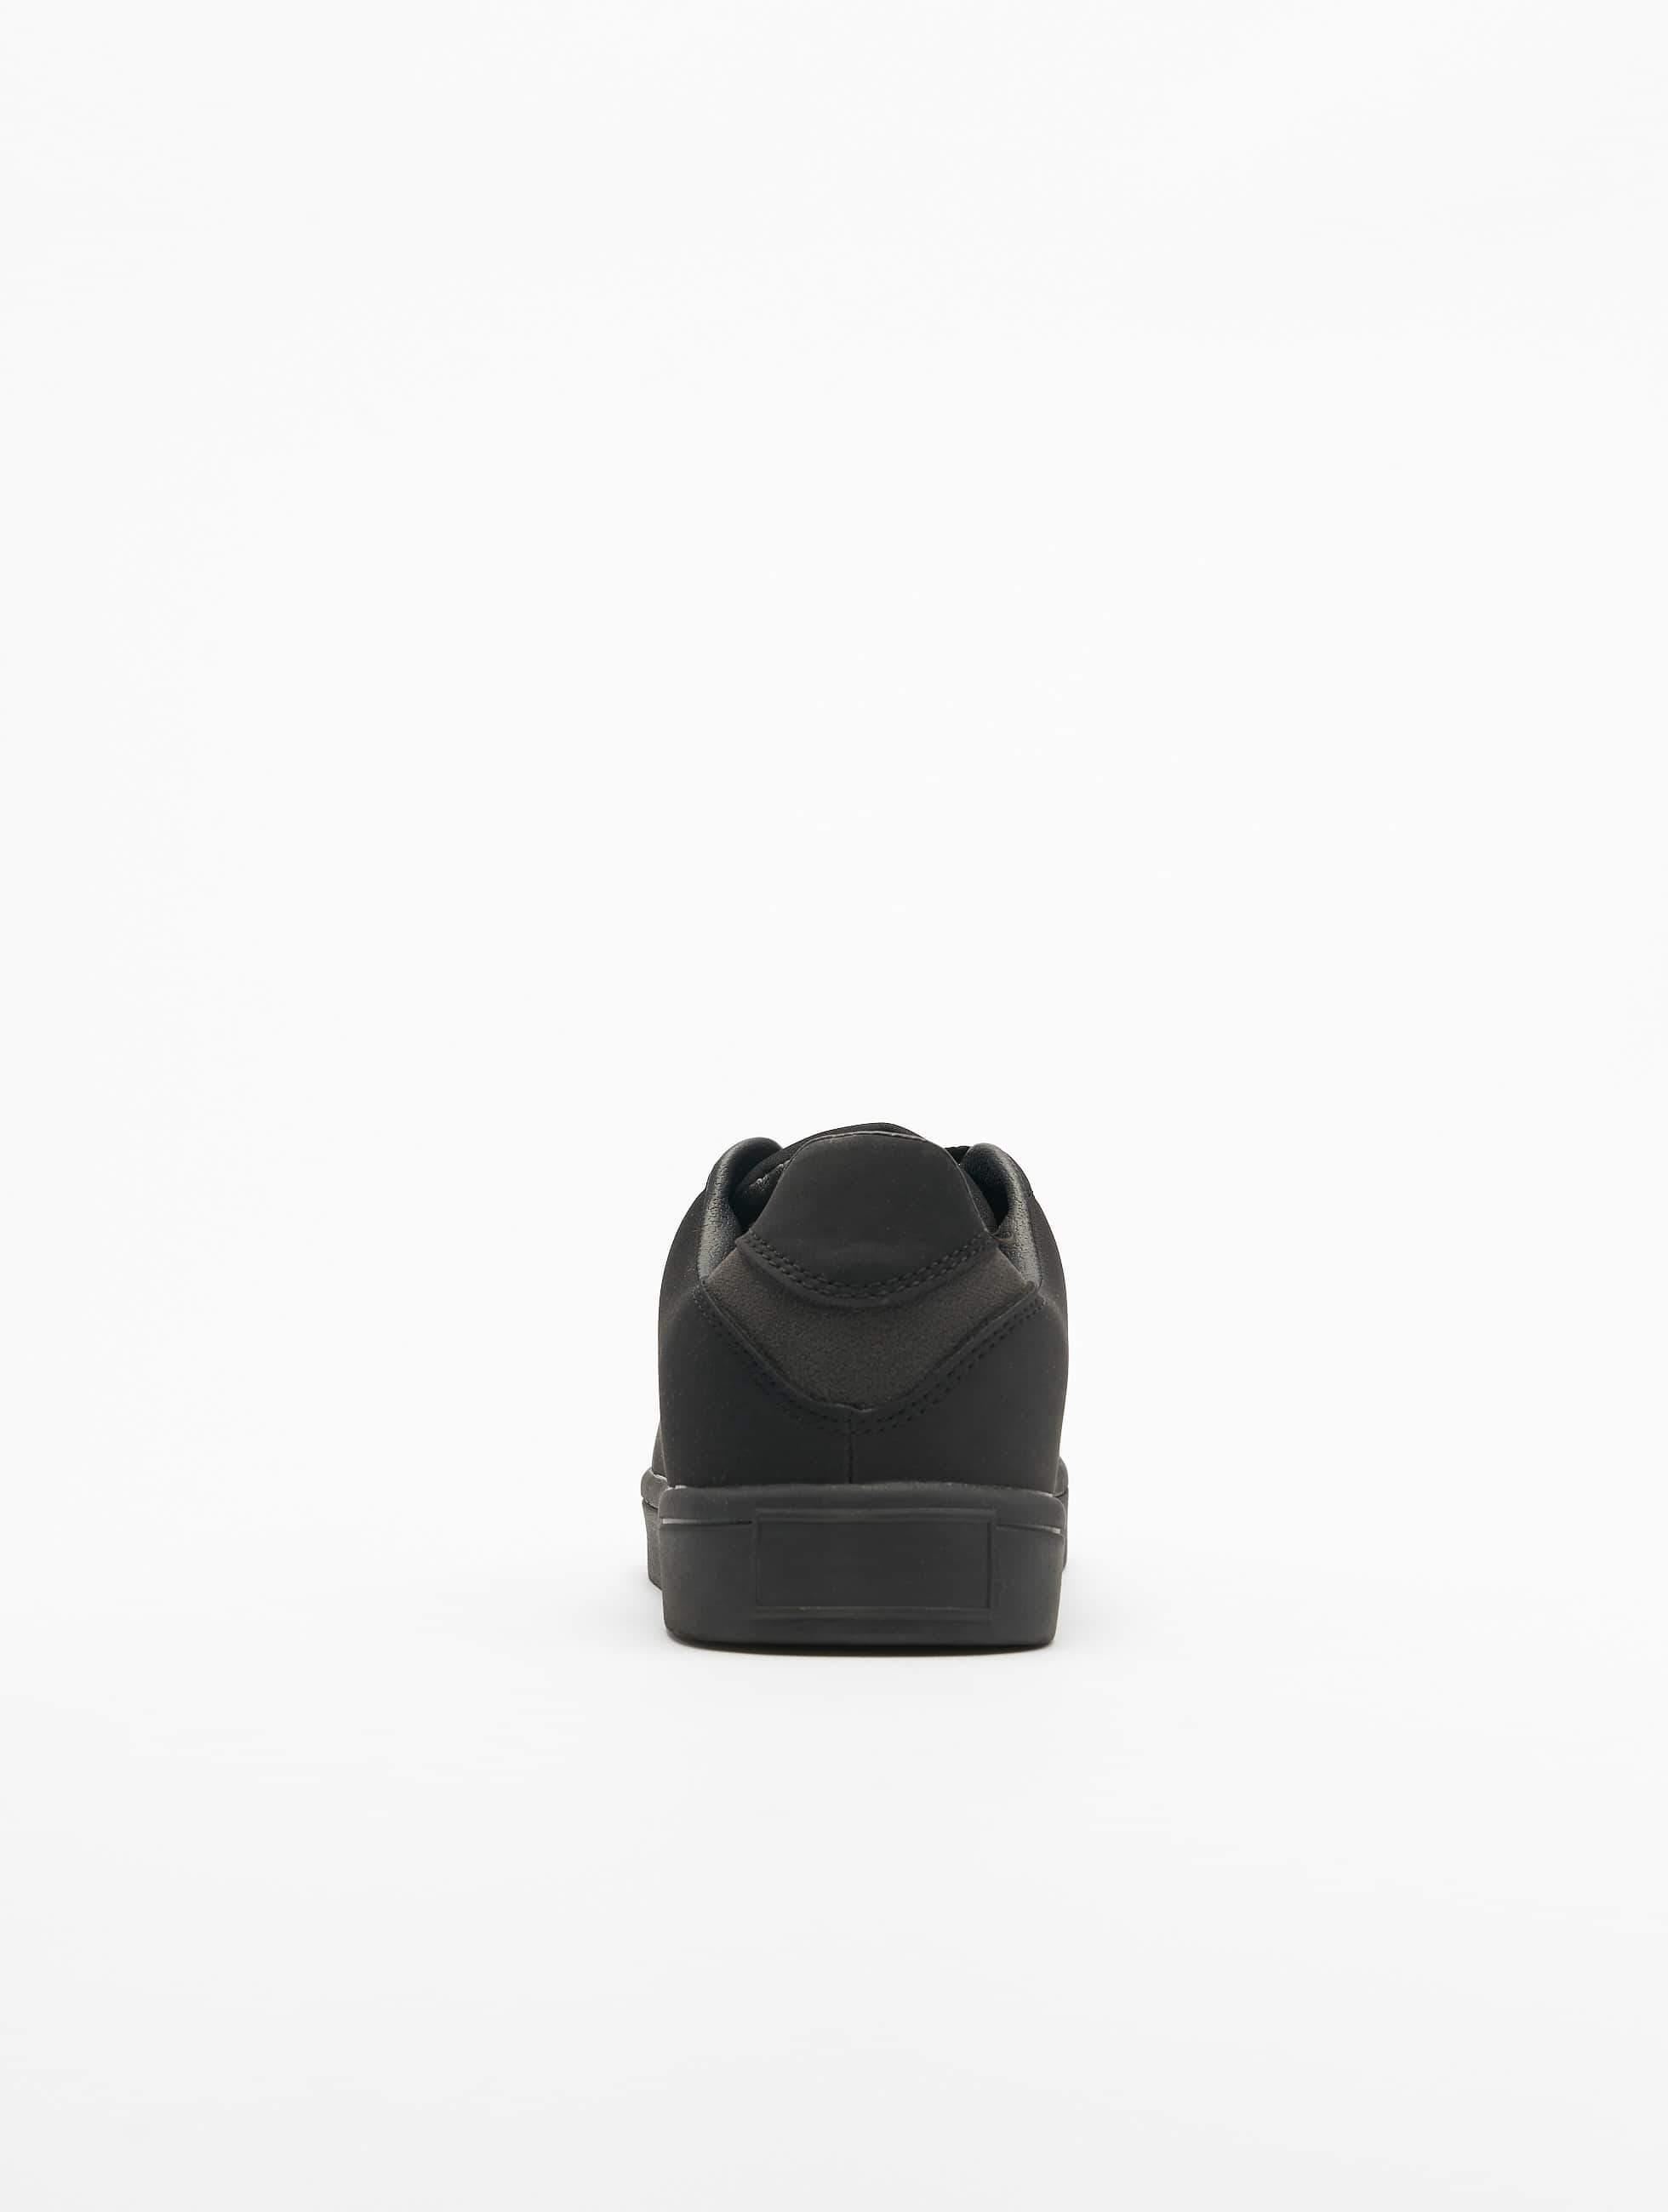 Urban Classics Herren Schuhe / Sneaker Summer